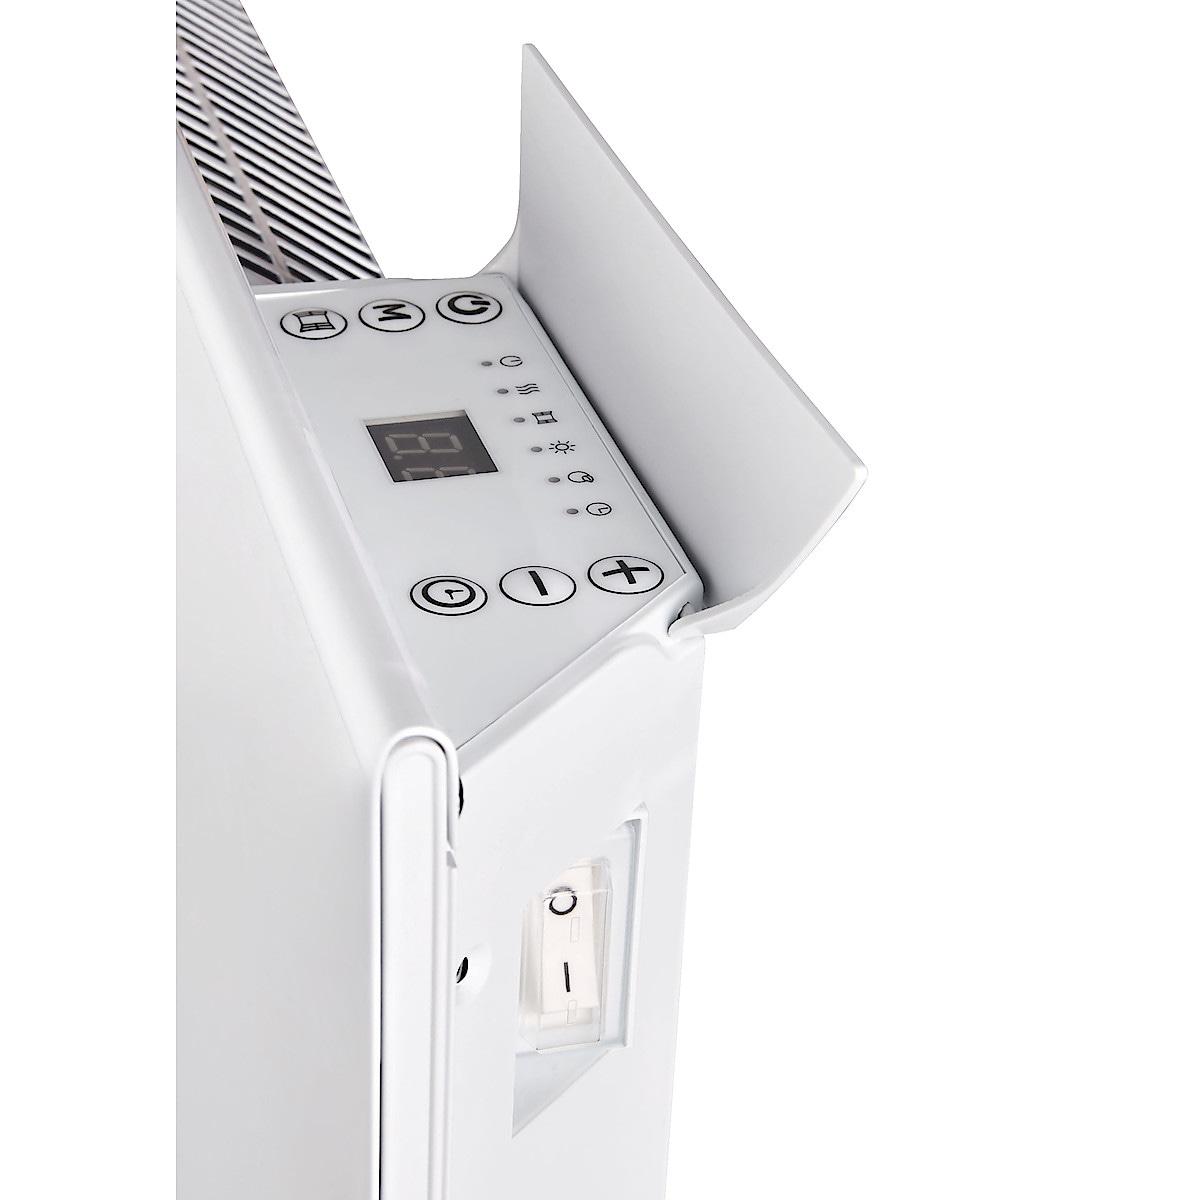 Lämpöpatteri 1000 W 400 V Cotech